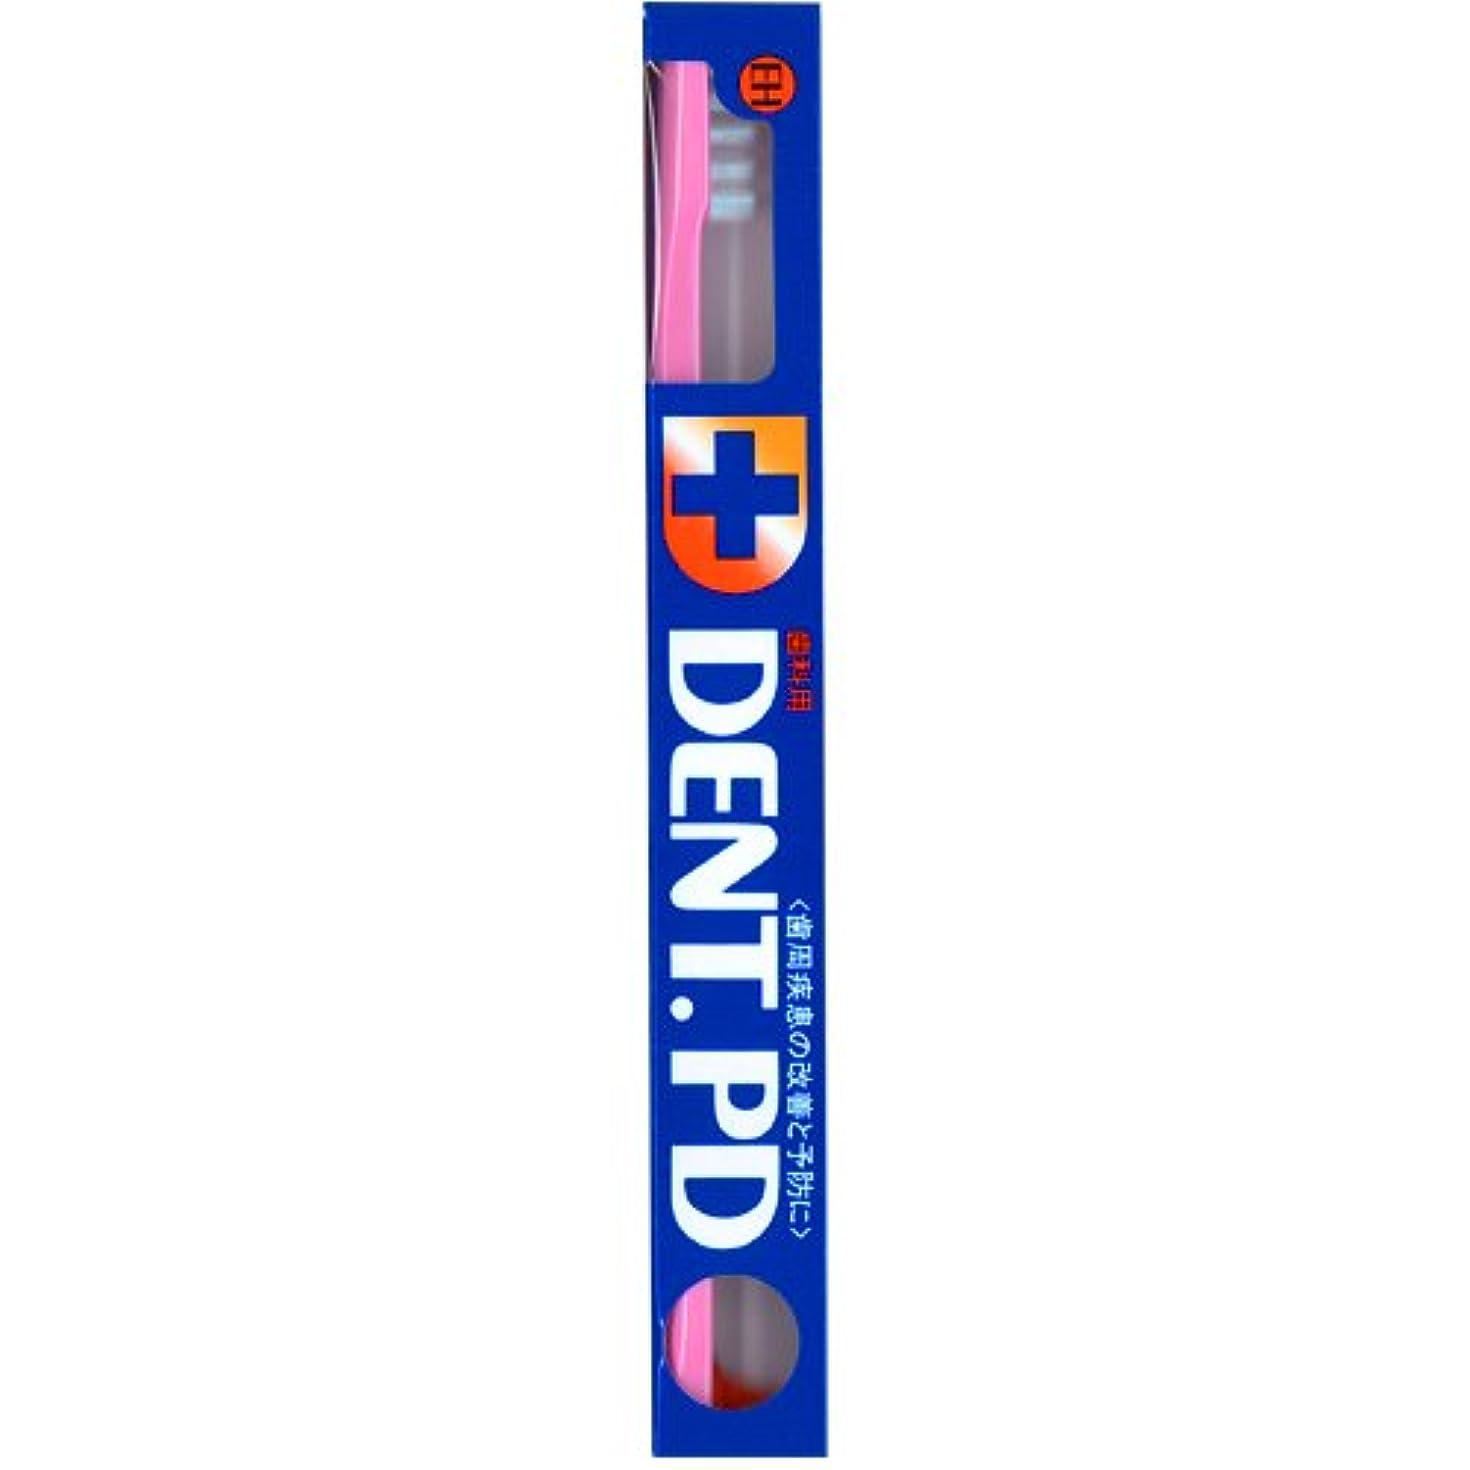 フィクションブロンズ武器ライオン DENT.PD歯ブラシ 1本 EH (ピンク)